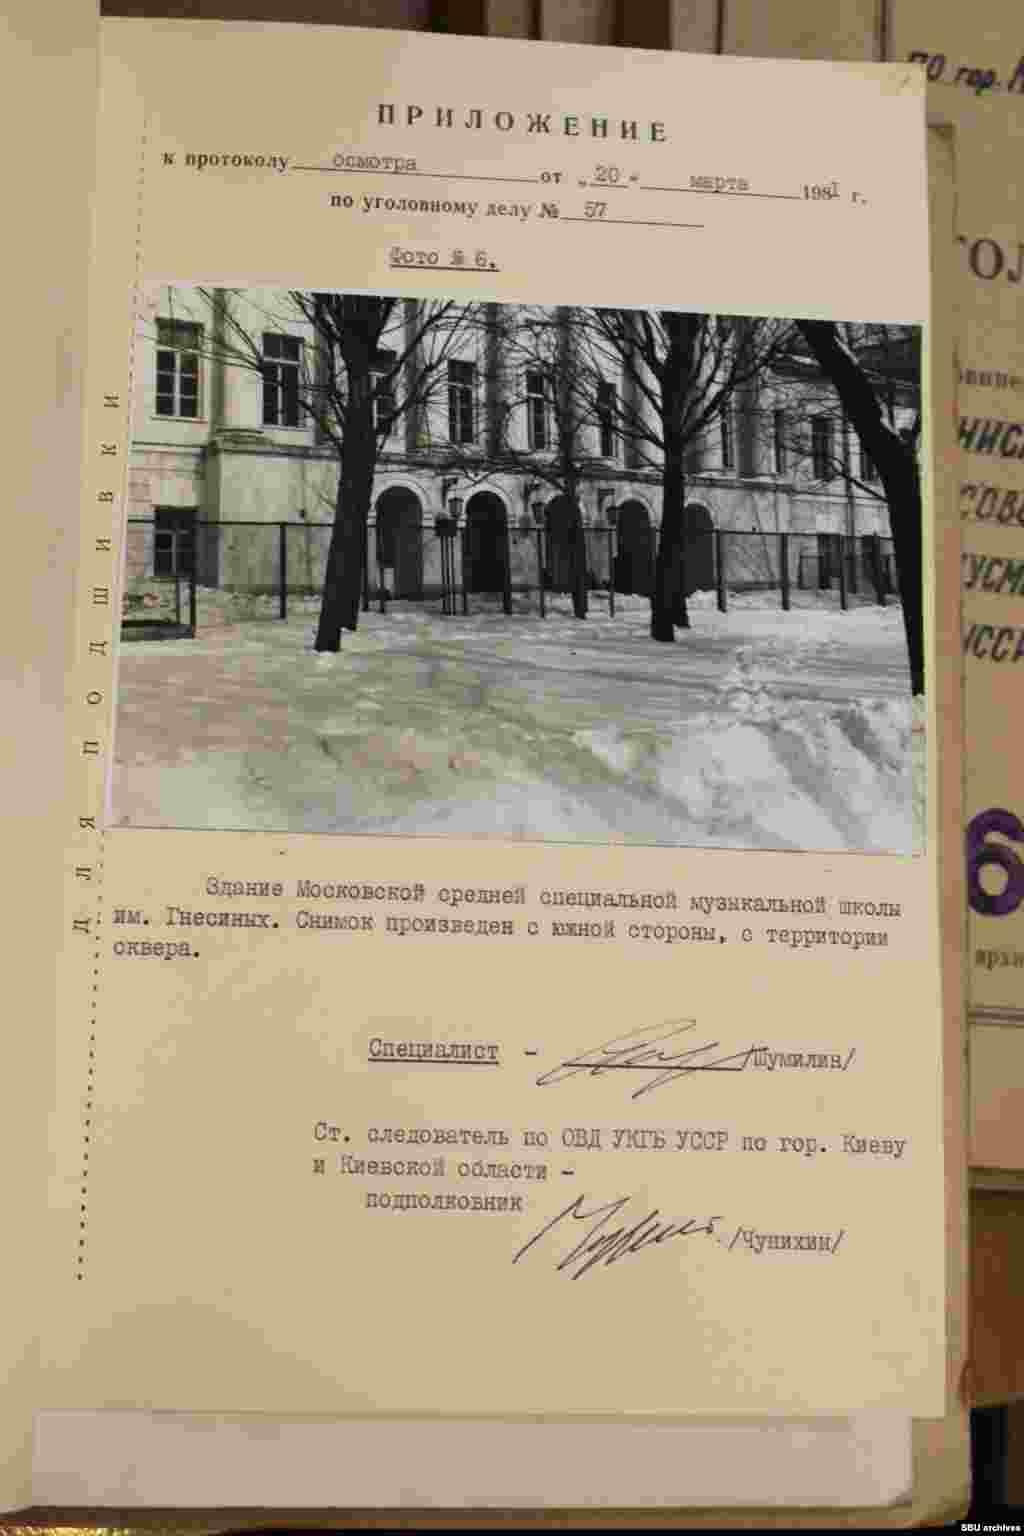 Фото московського універмагу і околиць, де проходили зустрічі Пушкаря і корейців. З кримінальної справи